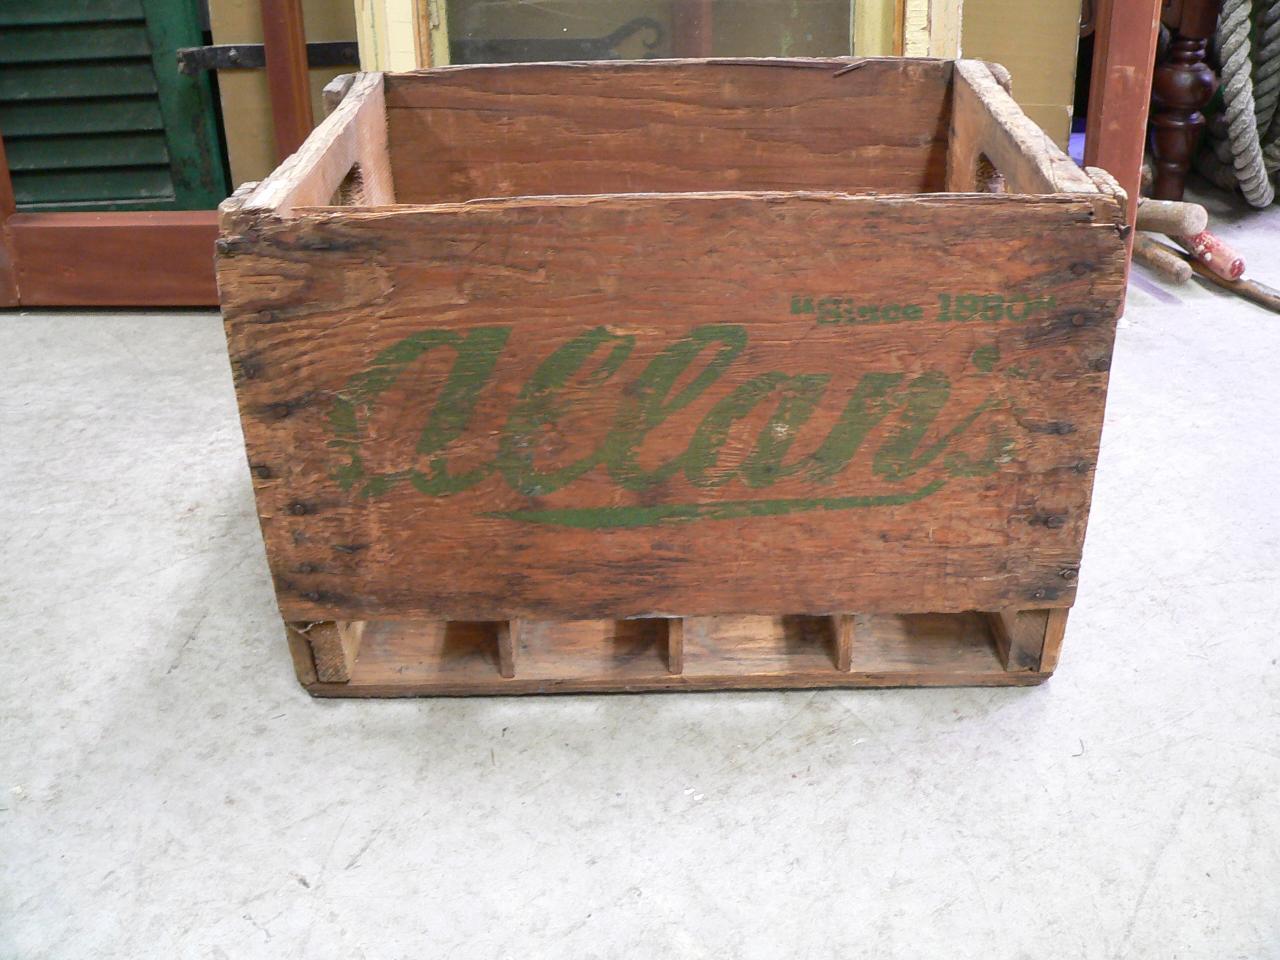 Caisse de bois allan # 4691